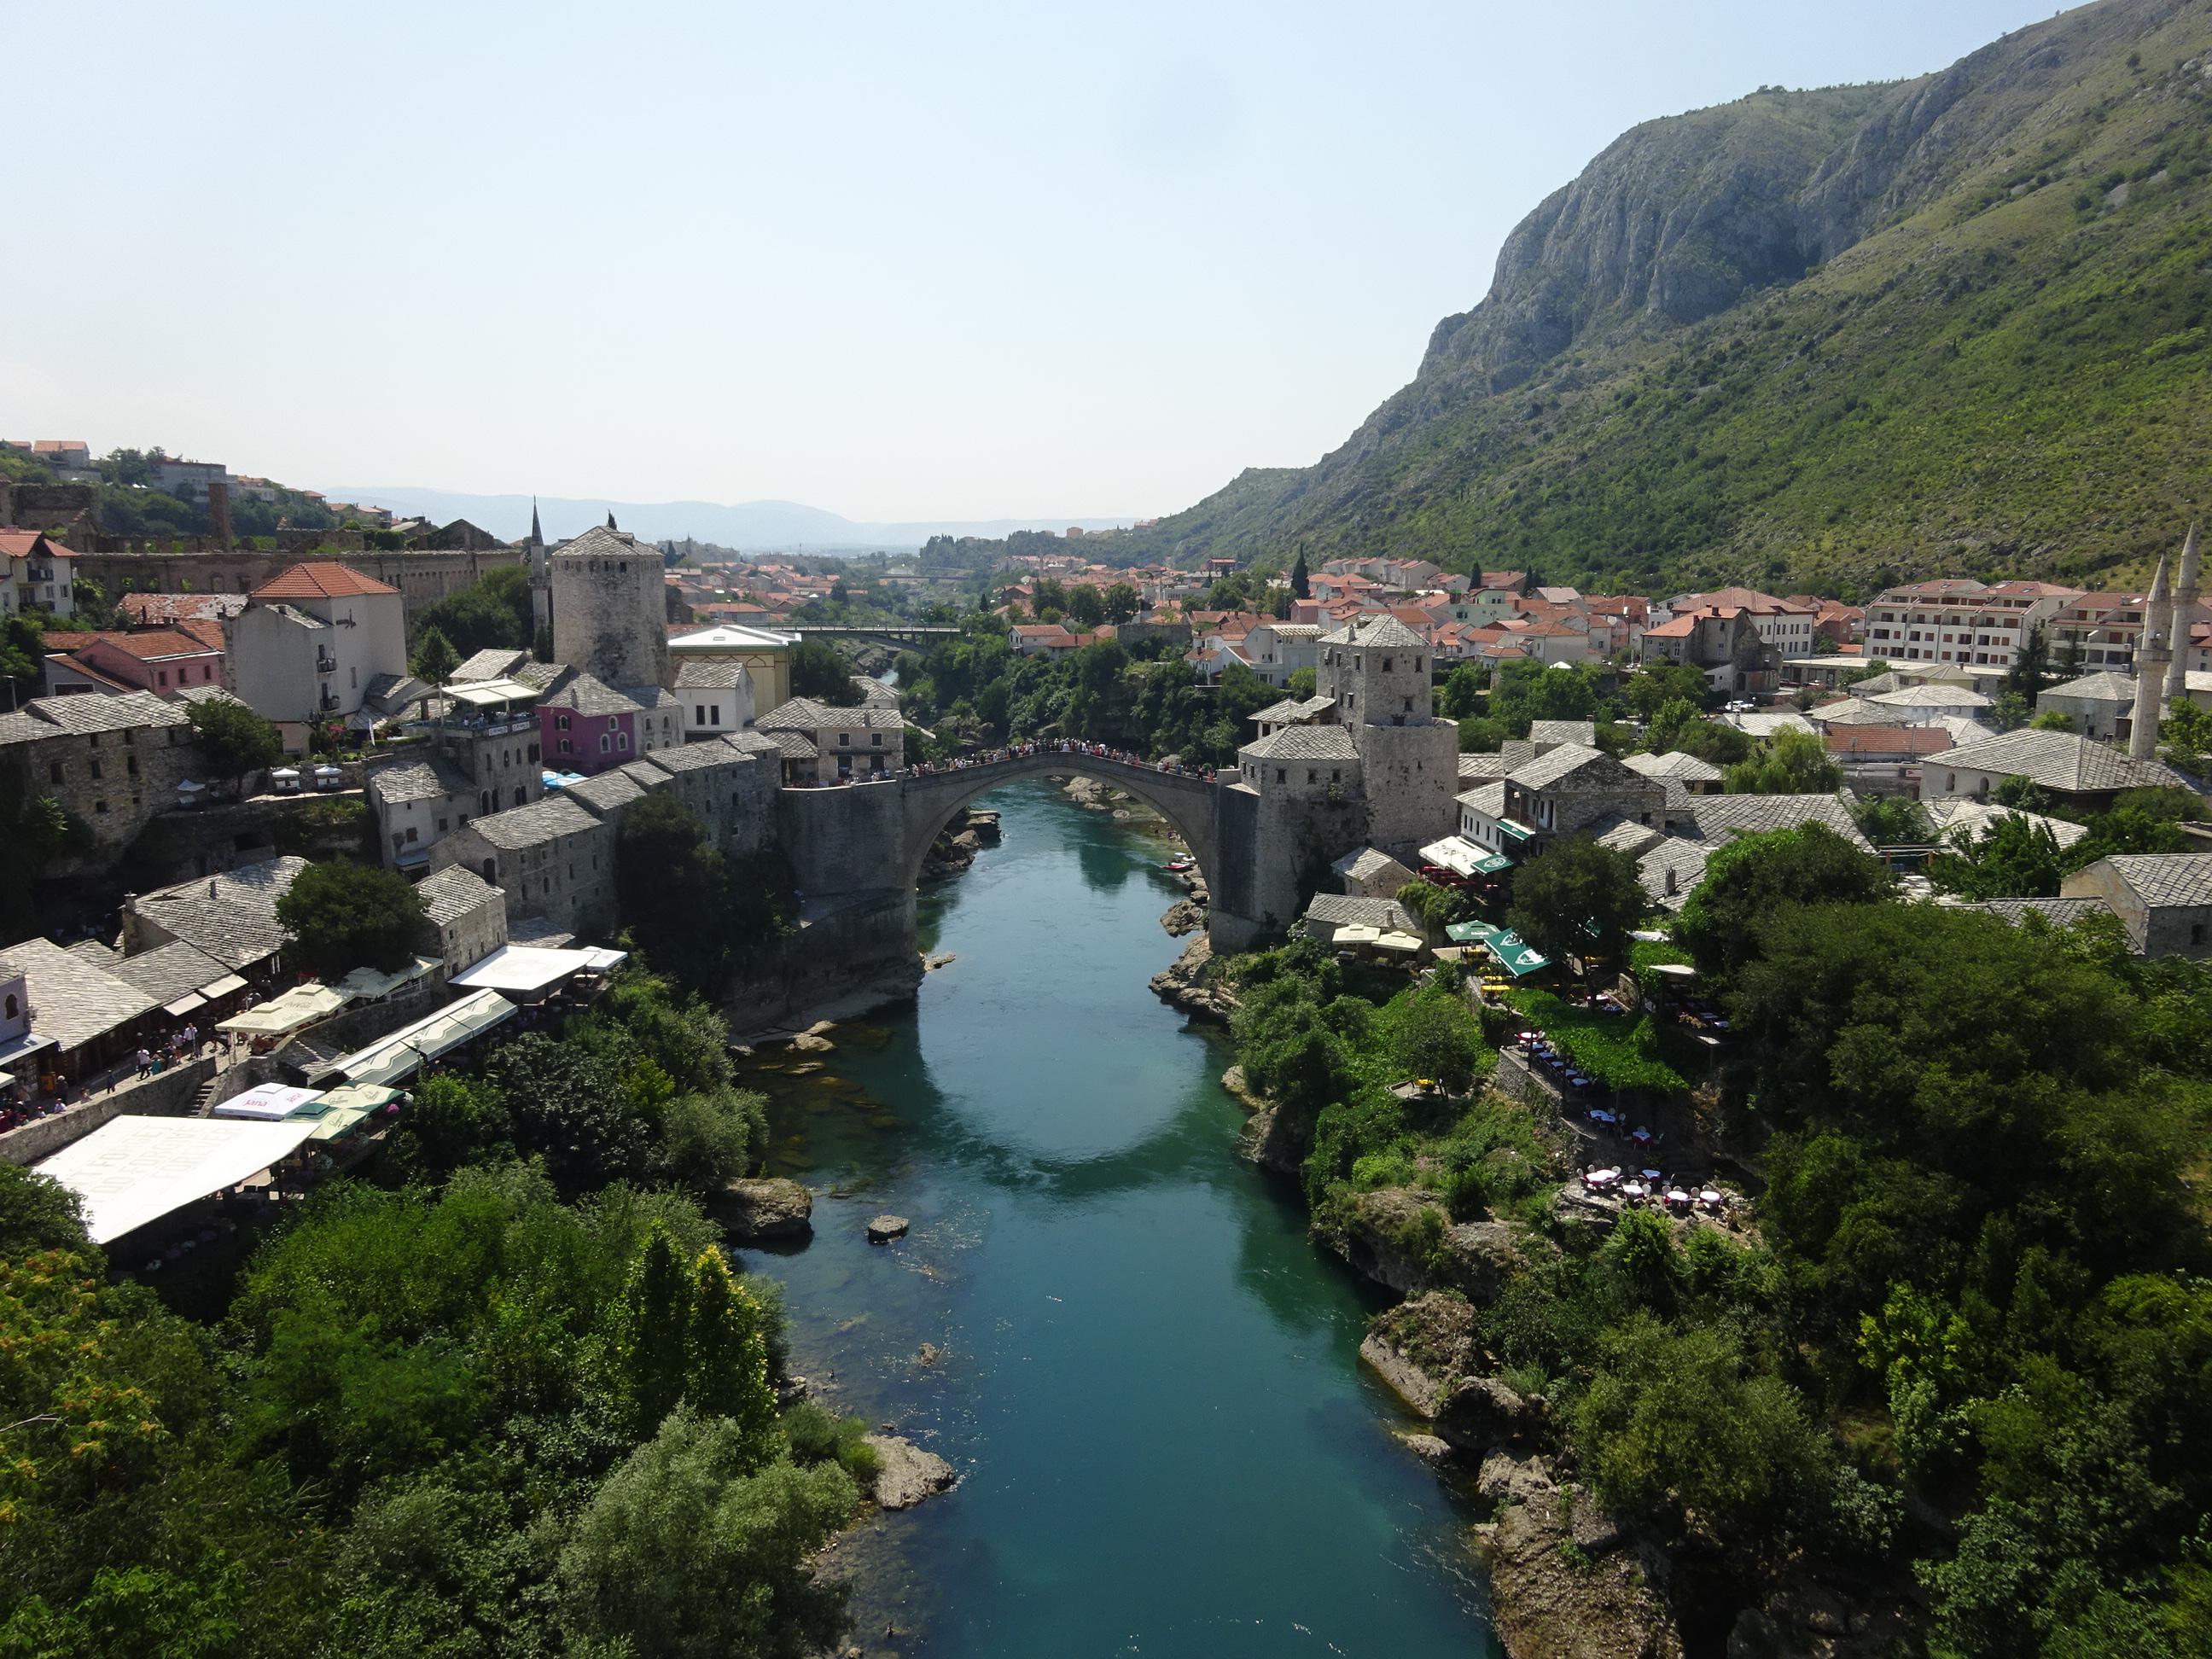 美しいモスタルのシンボル「古い橋(スタリ・モスト)」